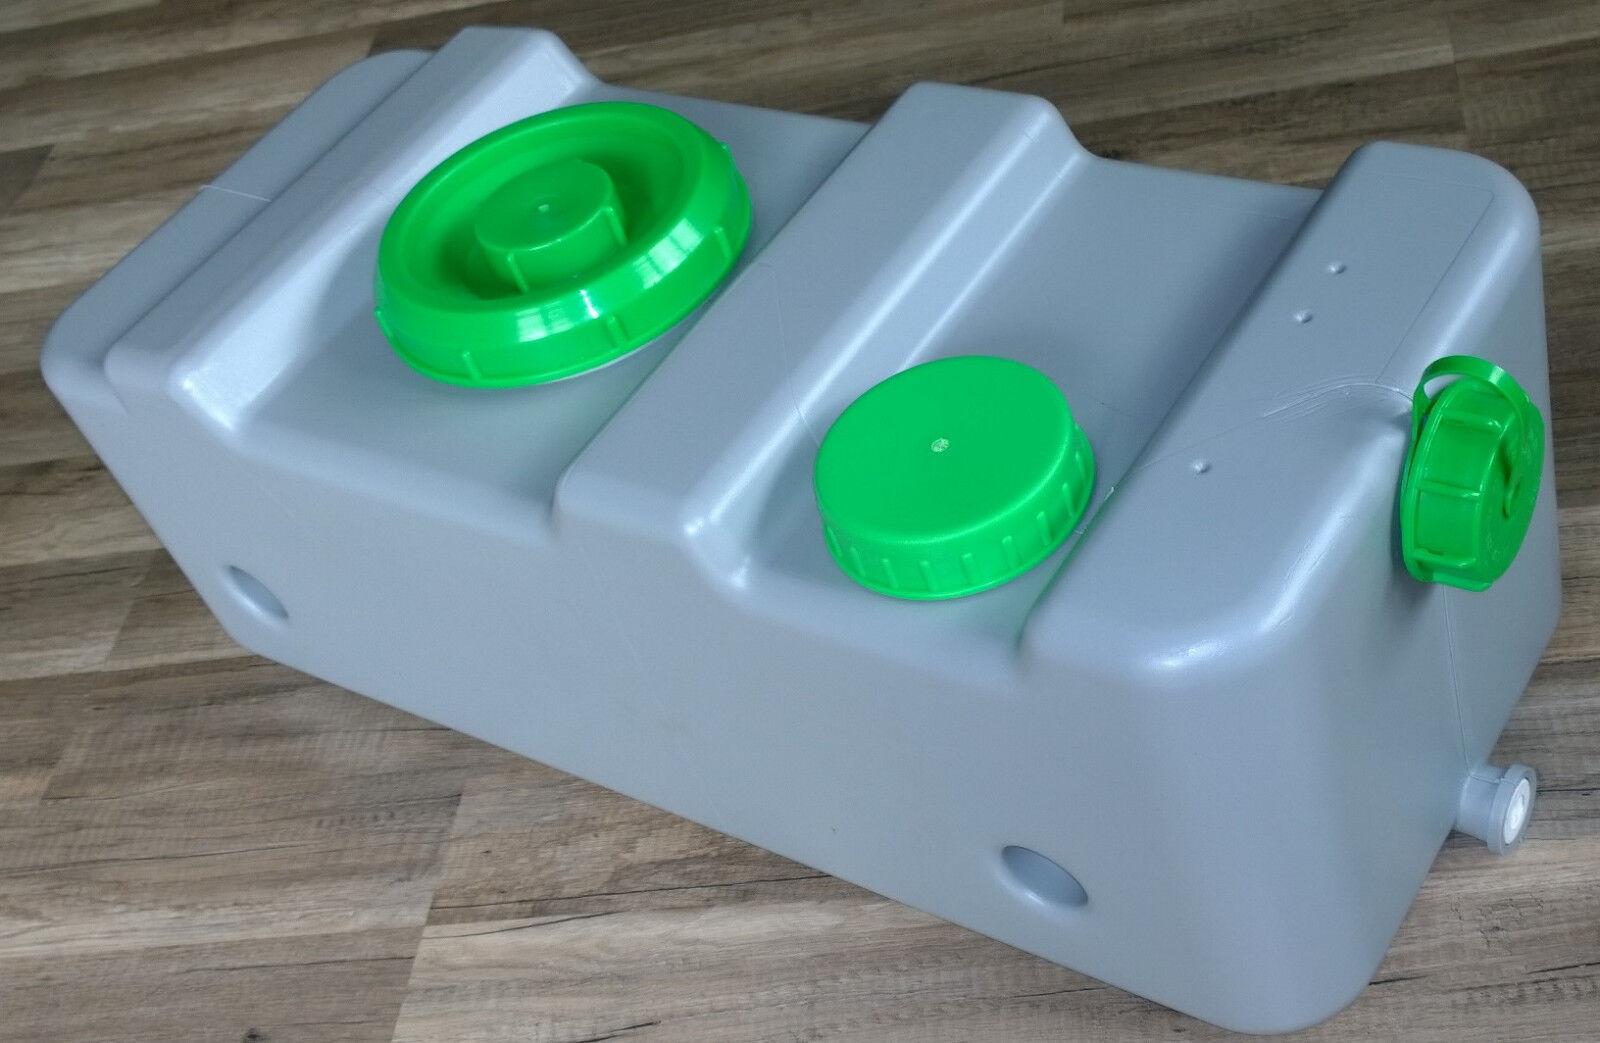 Wassertank 40 Liter für Wohnwagen und Wohnmobile Einbautank Frischwassertank Frischwassertank Frischwassertank 6aa20c